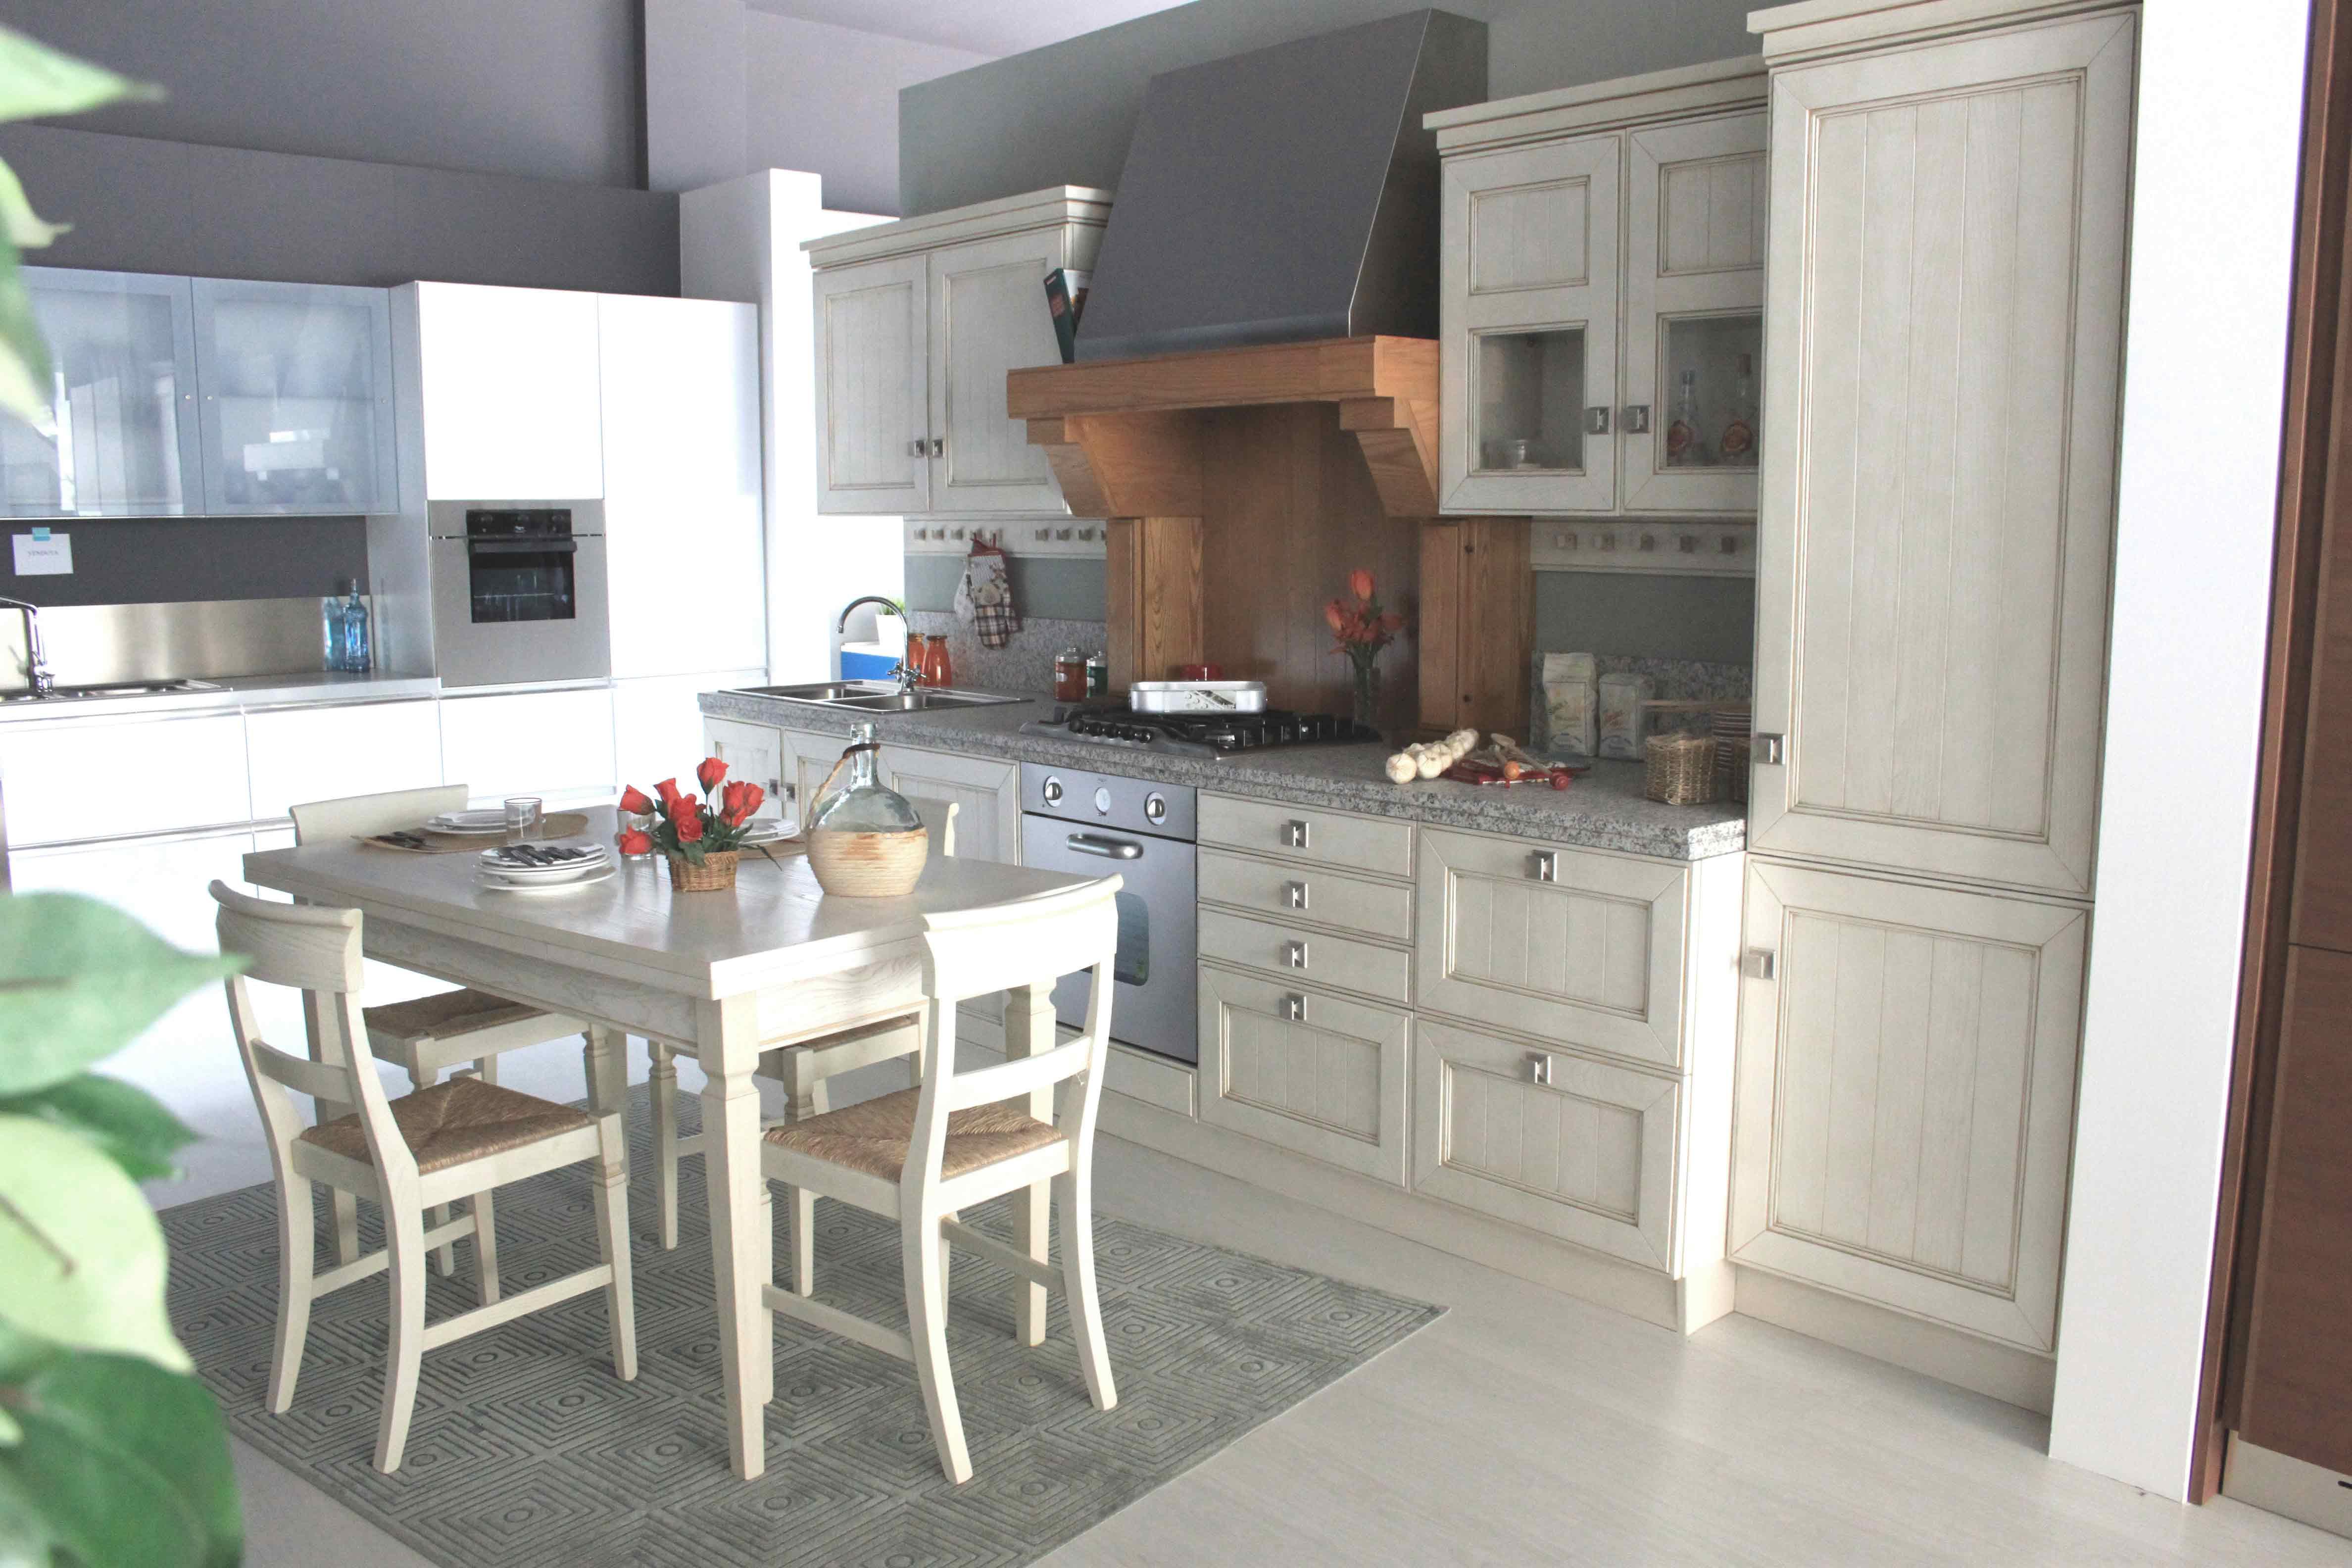 Cucina Mod. Settecento - GeD Cucine - SUPER OFFERTA ...